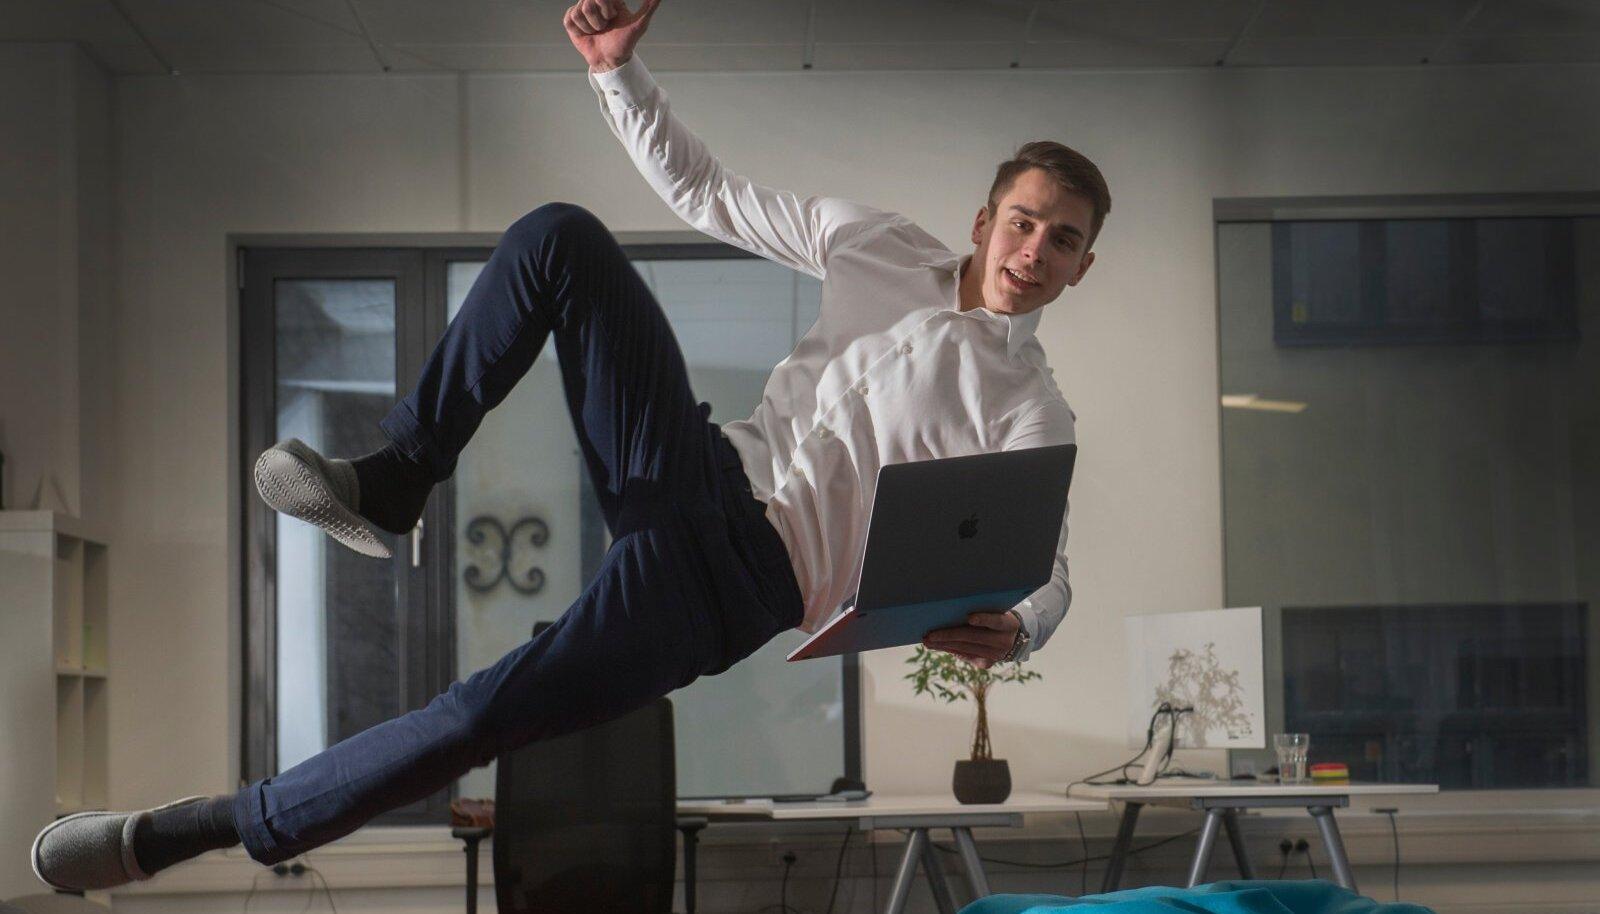 KÕIK ON LUBATUD: Vabaks.ee juht ja asutaja Marko Vaik poseeris Ekspressile aastal 2018 hoopis oma idufirma Data.me asjus.